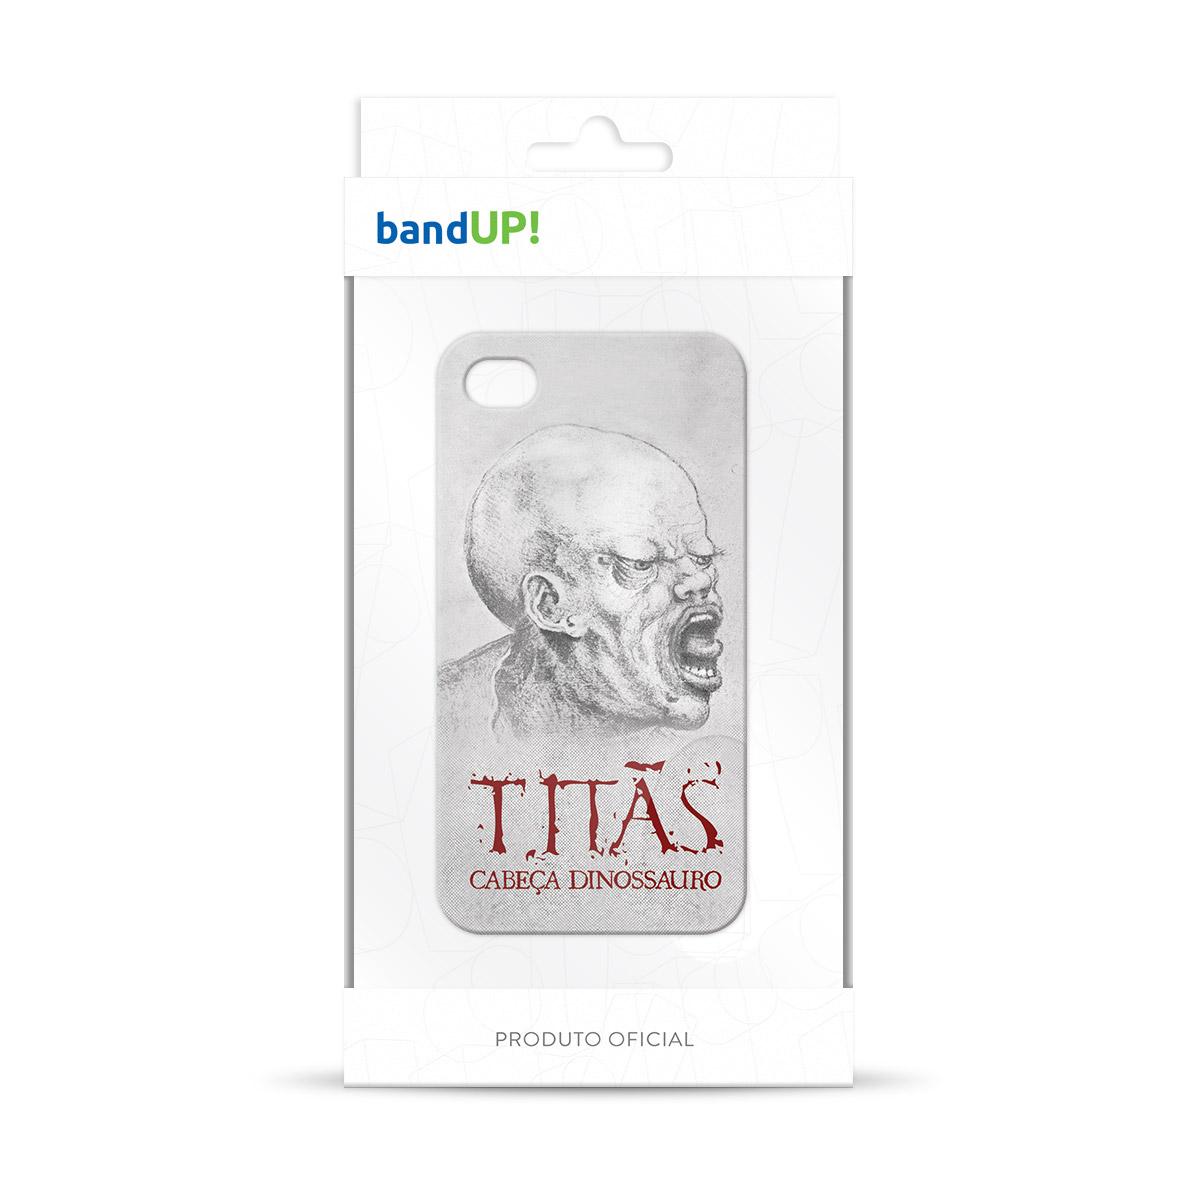 Capa de iPhone 4/4S Titãs Cabeça Dinossauro